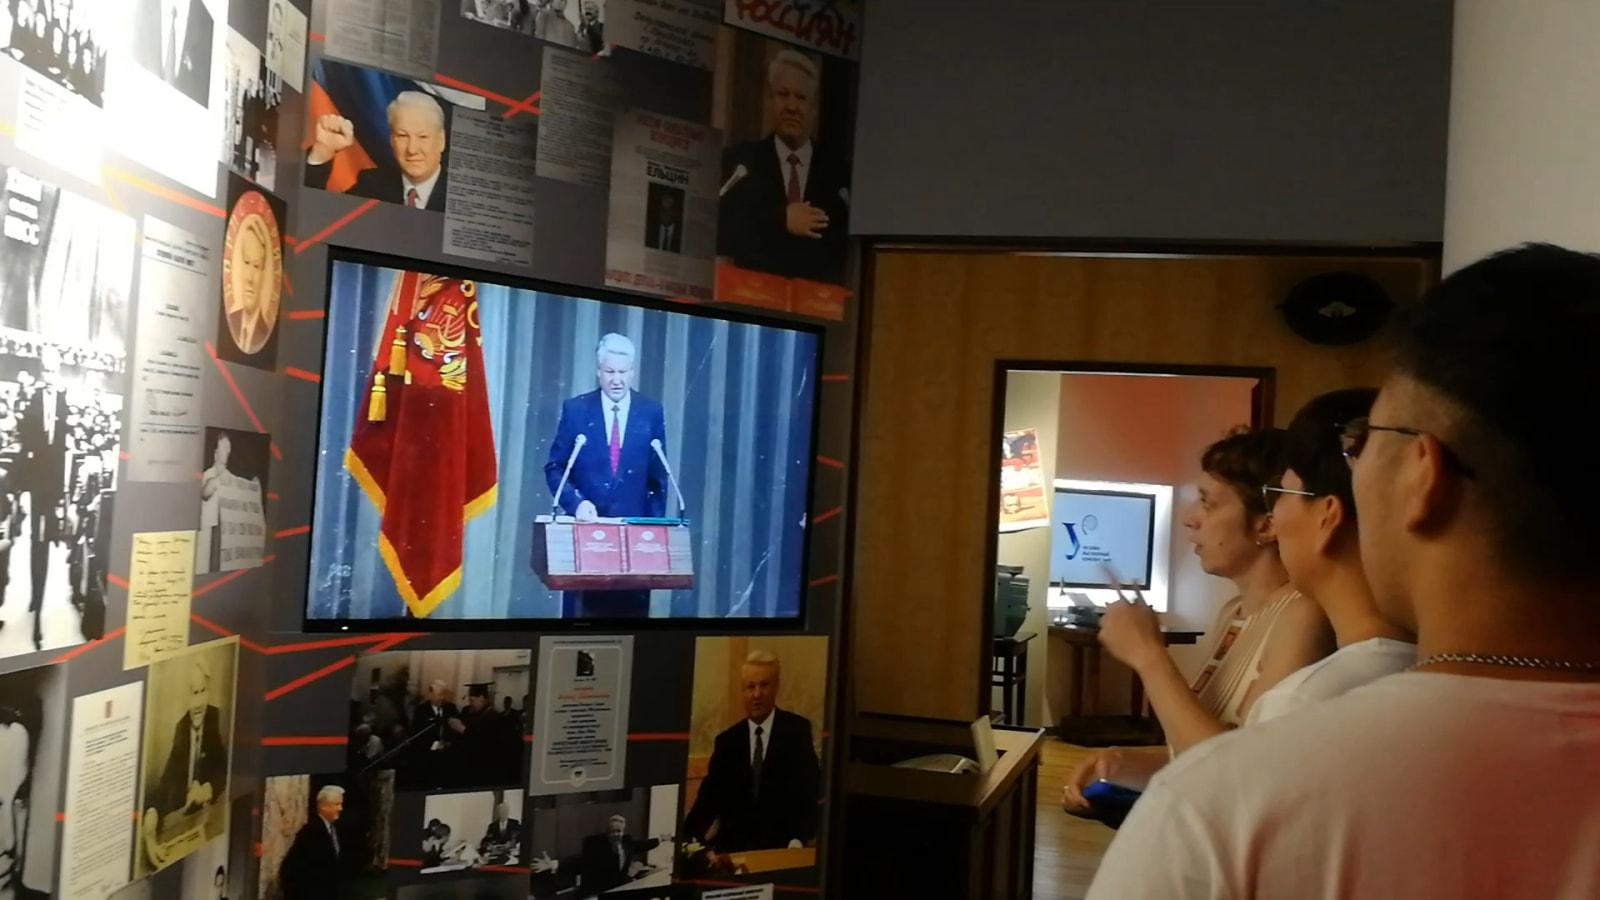 """乌拉尔联邦大学校史博物馆 - 这是参观叶利钦的生平,乌拉尔联邦大学又叫""""叶利钦大学"""",是以他命名的"""